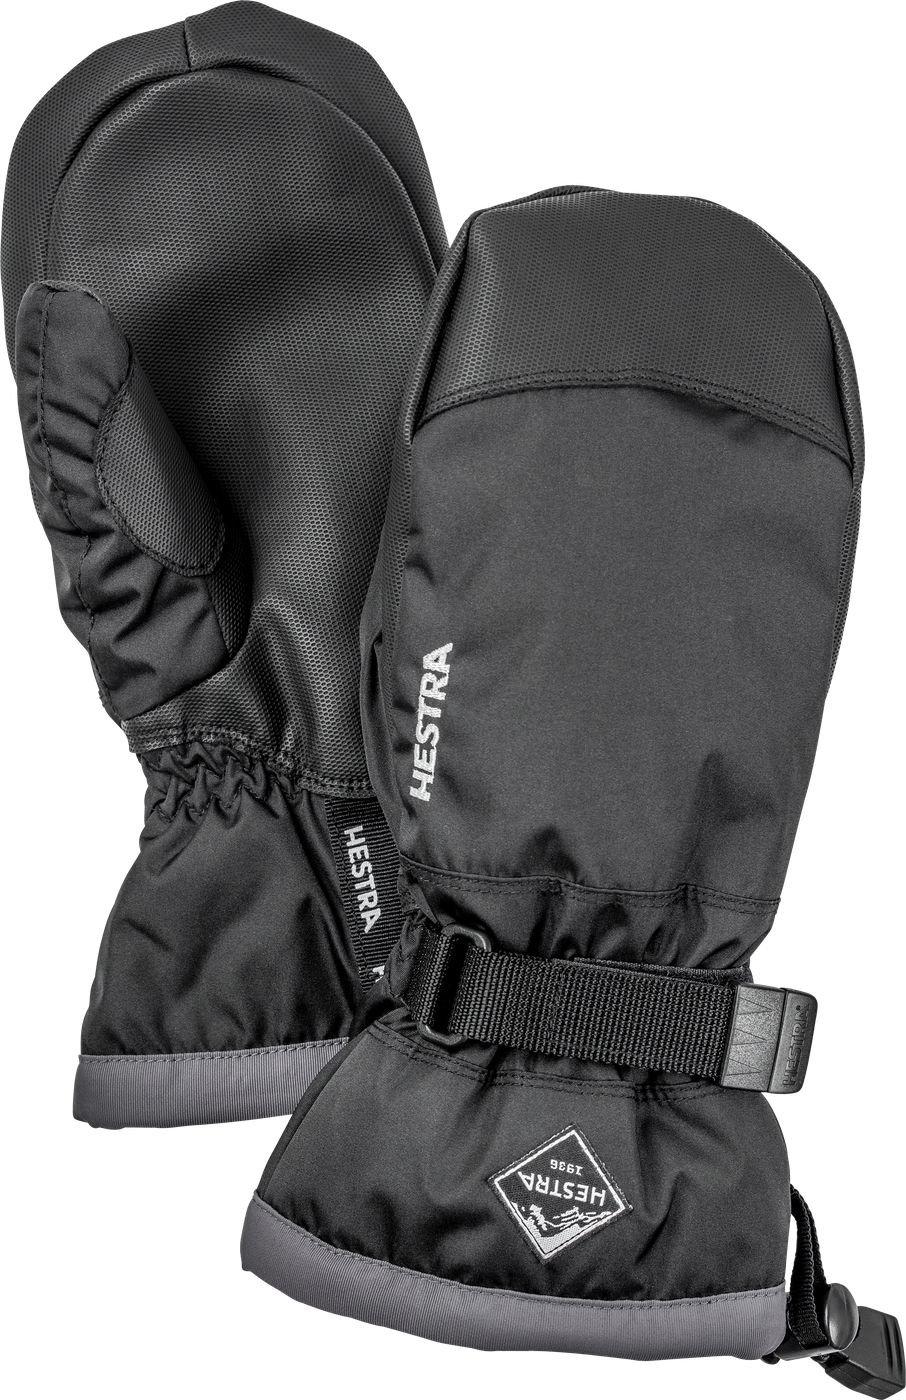 Hestra Gauntlet CZone Junior Mittens